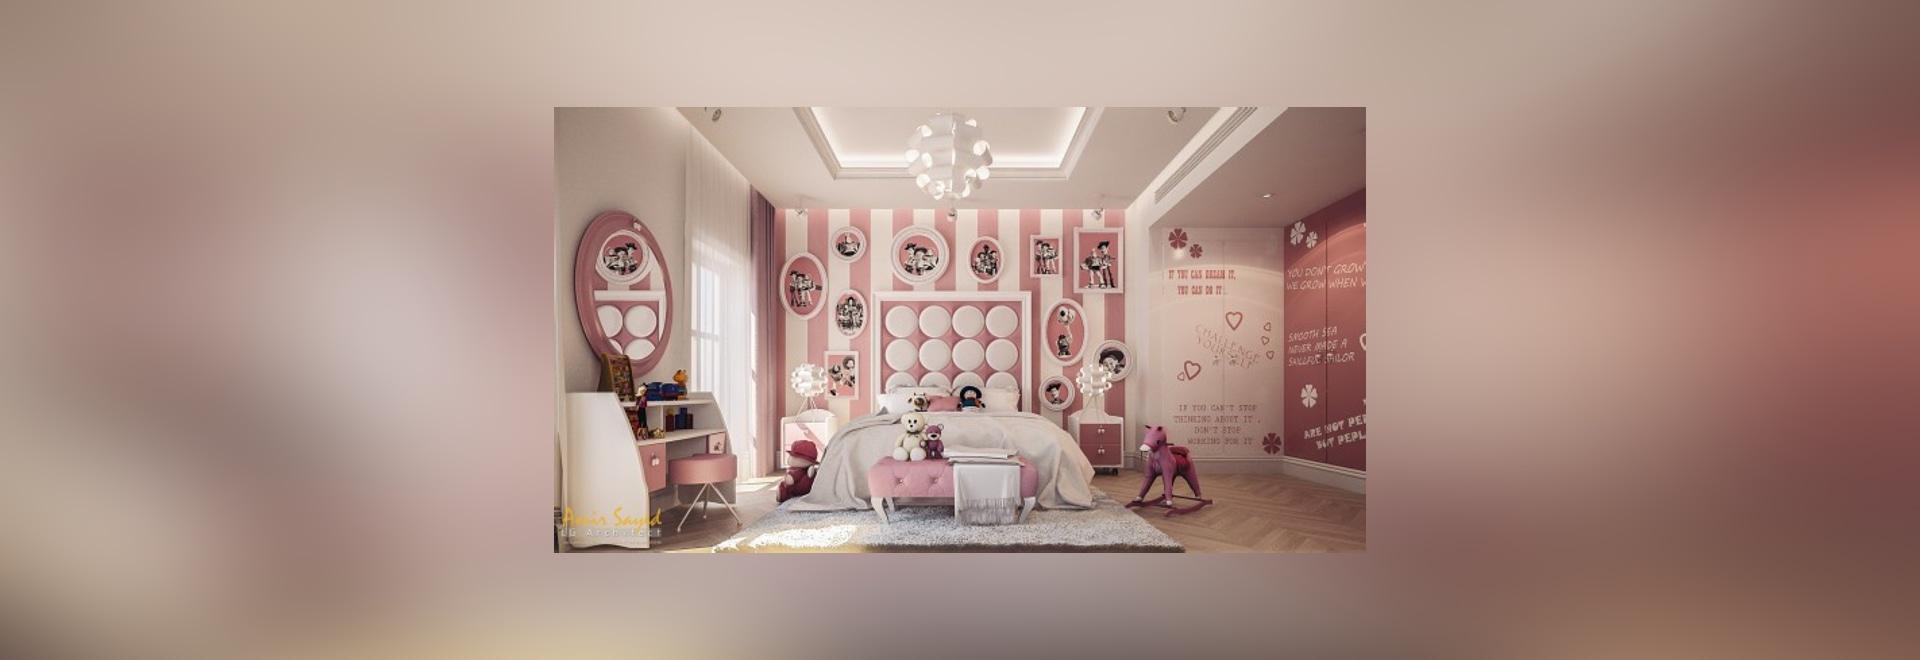 5 Dormitorios Creativos De Los Cabritos Con Temas De La Diversi N  # Muebles Estilo Pearce